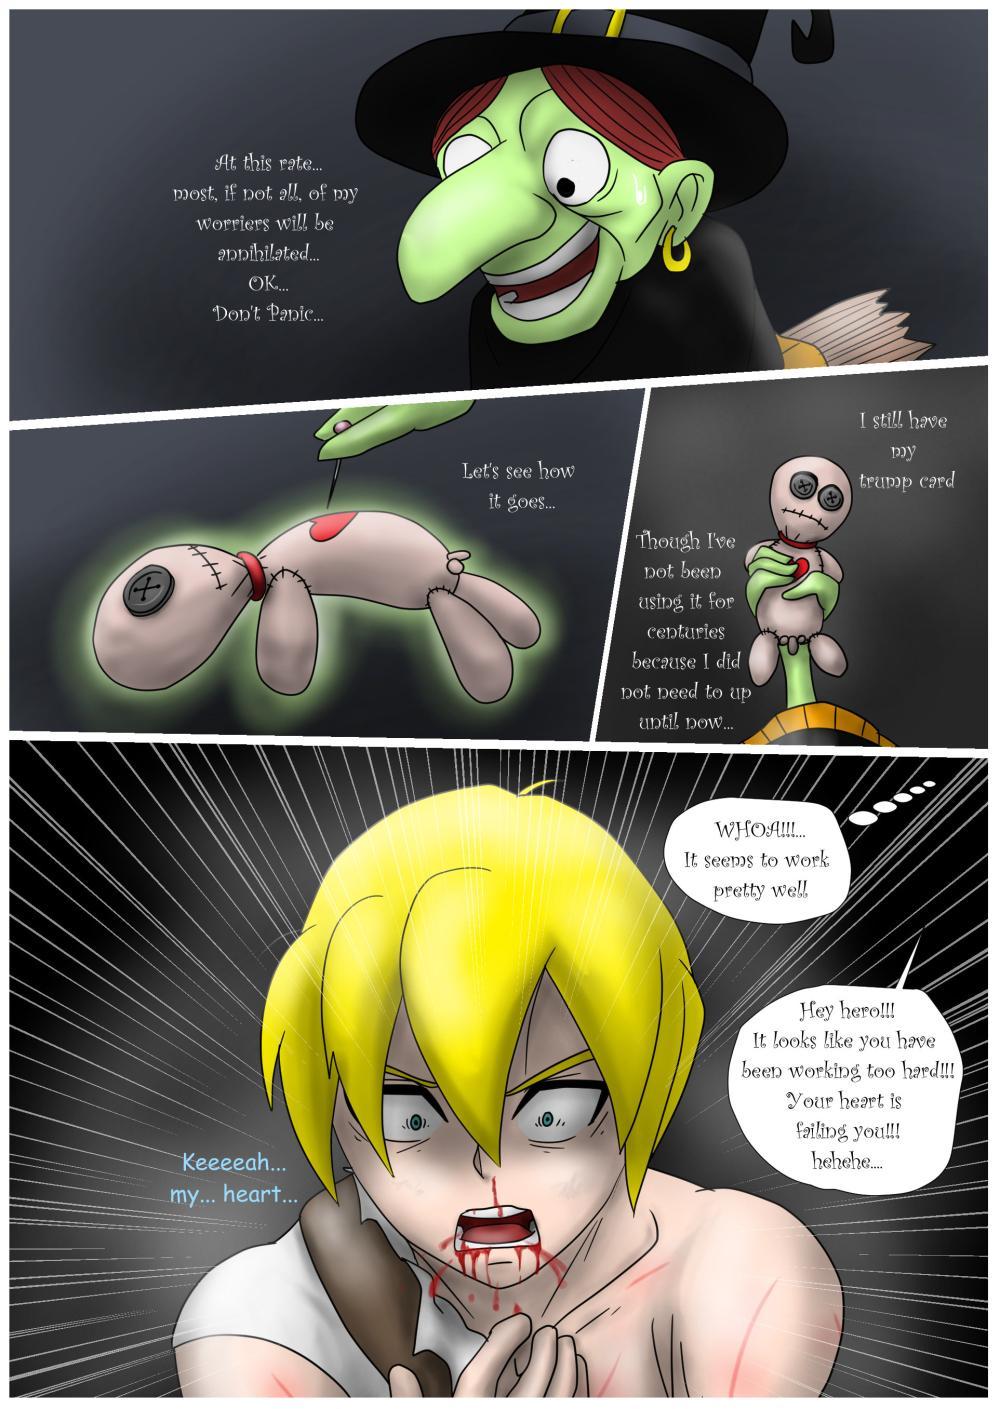 勇者ニック 第1章 Nick the Hero Chapter 1 5